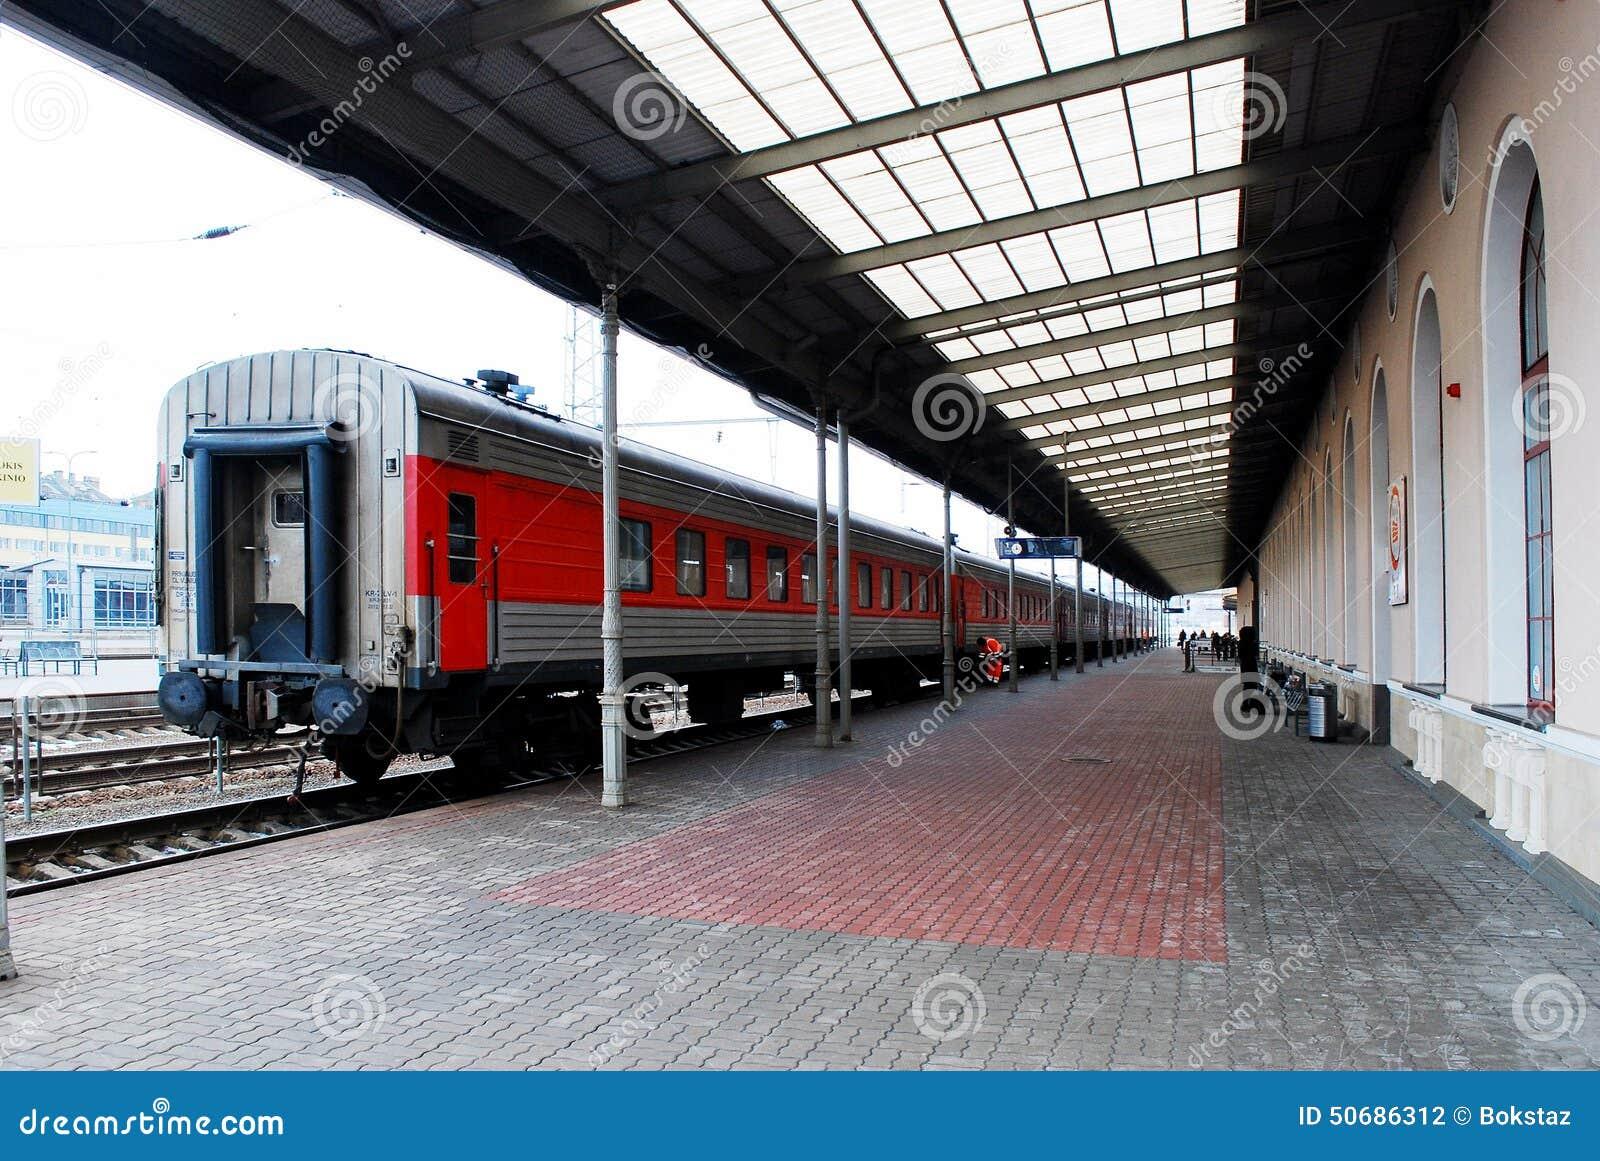 Download 火车站在立陶宛维尔纽斯市的首都 图库摄影片. 图片 包括有 蠢材, 中央, 铁路, 现代, 公共, 网络 - 50686312